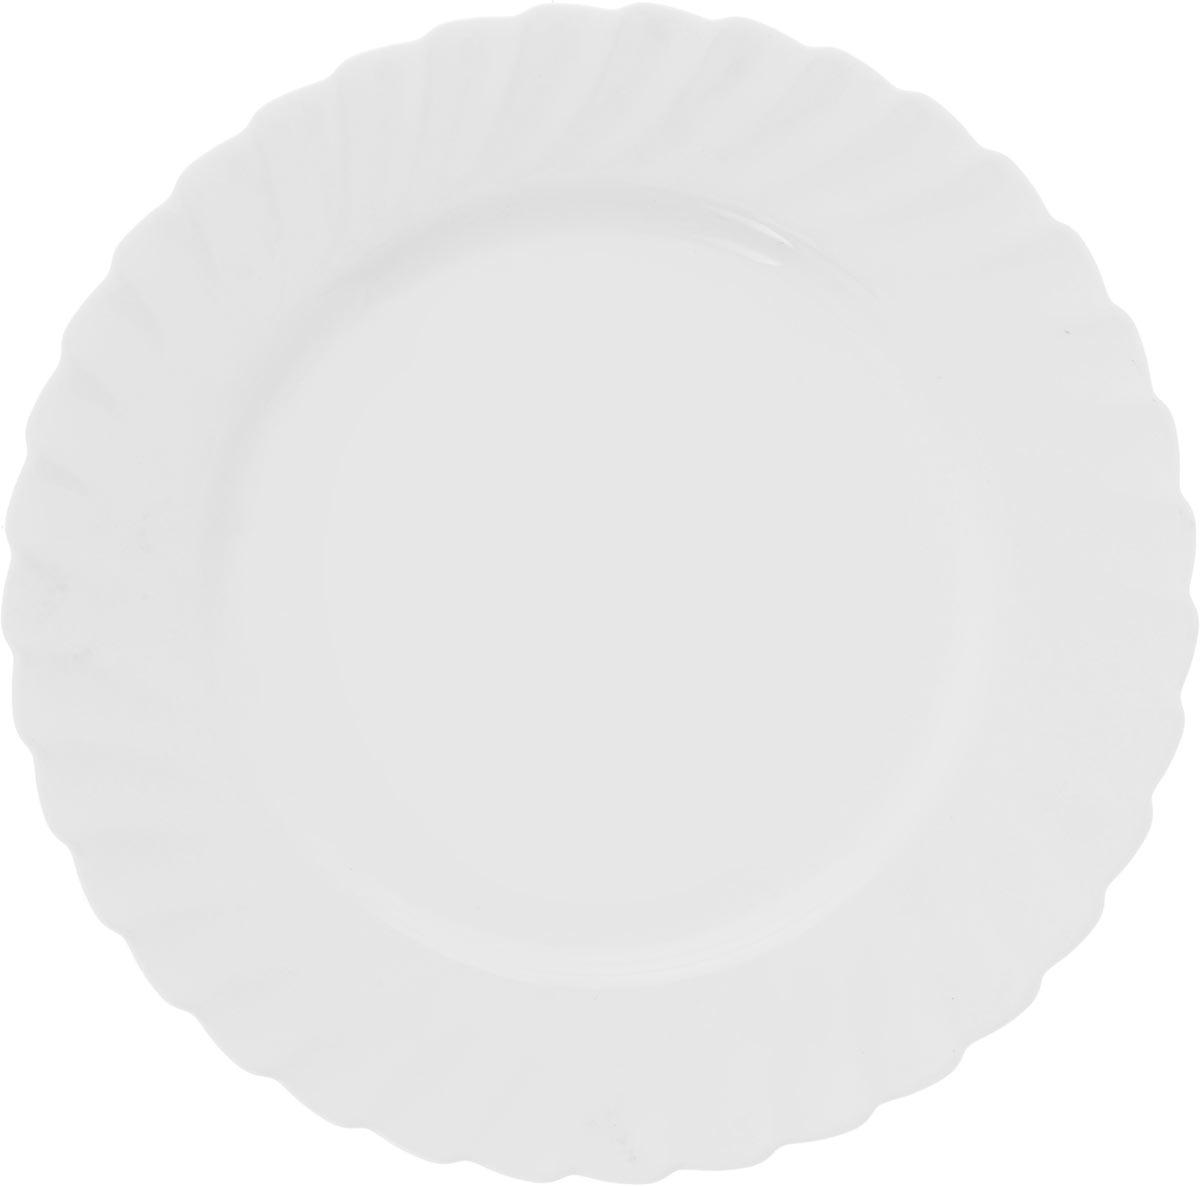 Тарелка обеденная Luminarc Trianon, диаметр 27 см68977Тарелка обеденная Luminarc Trianon круглой формы изготовлена из высококачественного стекла. Изделие имеет универсальный дизайн, поэтому легко впишется в любой интерьер. Простота форм и белоснежный цвет выгодно подчеркнут изысканность ваших блюд. Посуда Luminarc обладает не только высокими техническими характеристиками, но и красивым эстетичным дизайном. Такая тарелка предназначена для красивой сервировки вторых блюд, а также ее можно использовать как подстановочную под тарелку для супа. Высота тарелки: 2 см. Диаметр тарелки: 27 см.